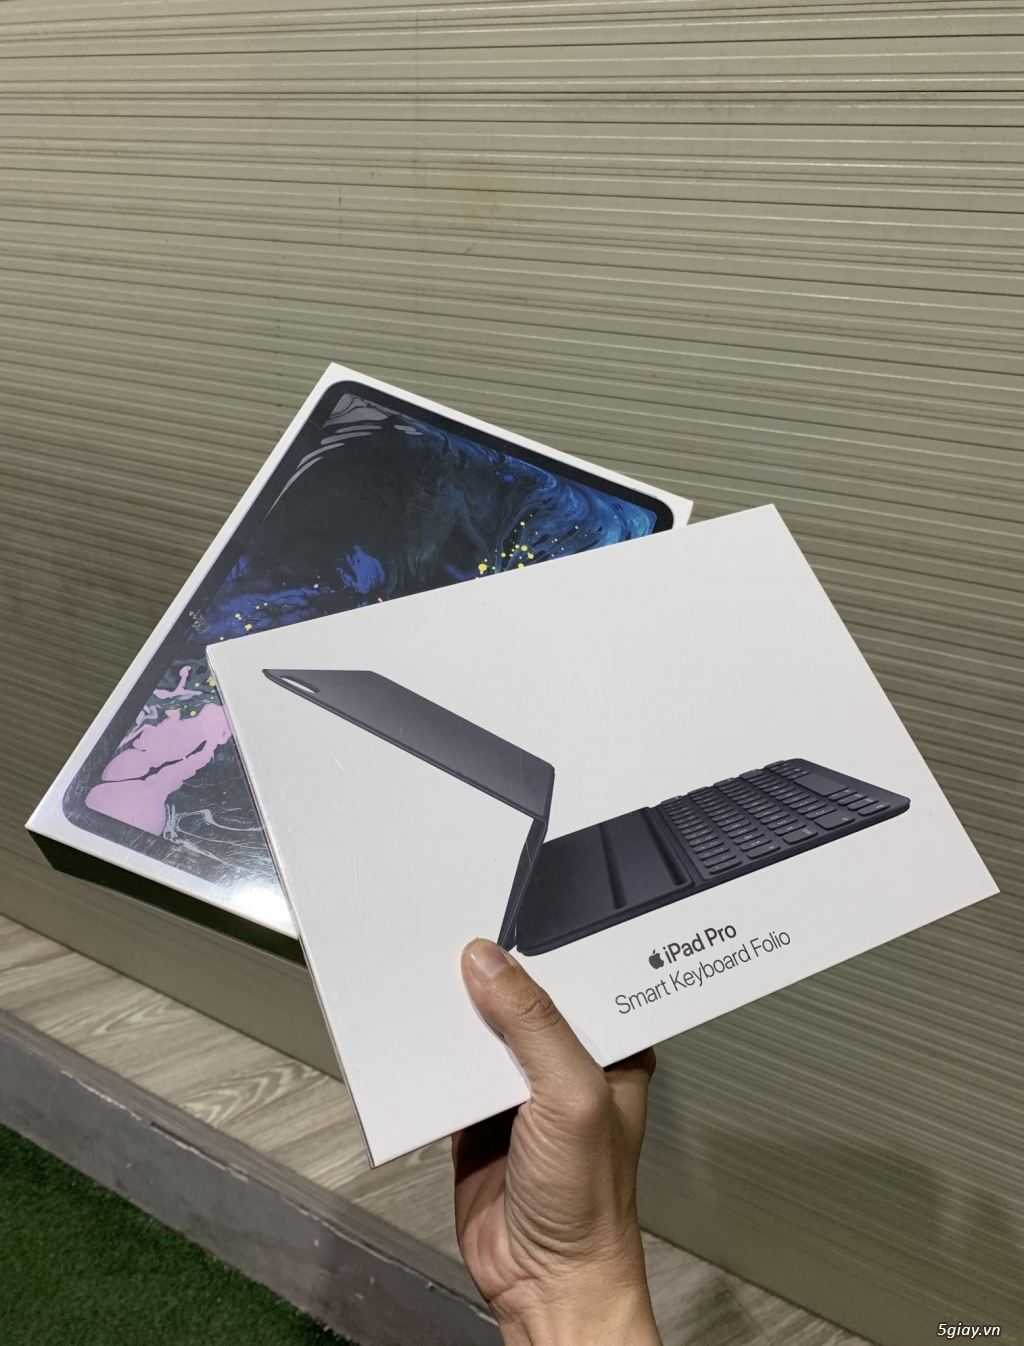 iPad Pro11,12.9, Mini5, Air2019, Pencil2, smart cover new 100% - 1